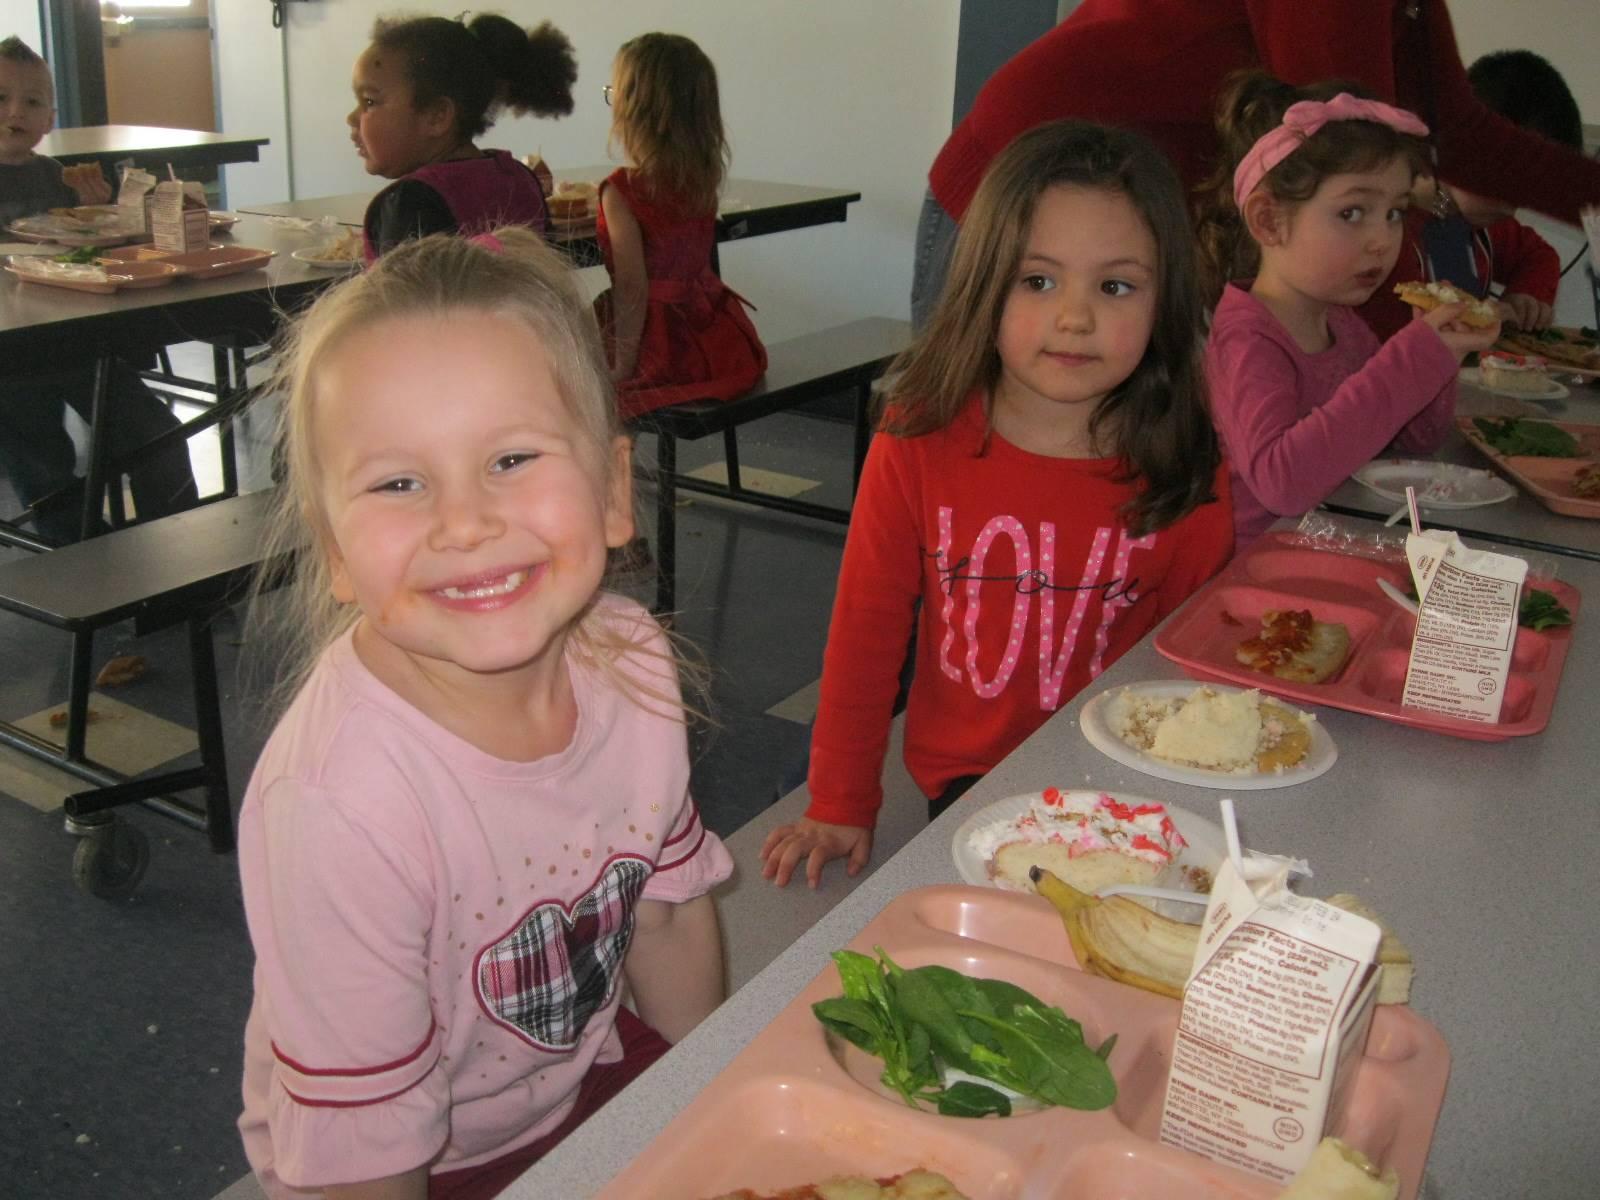 3 students enjoy party food.